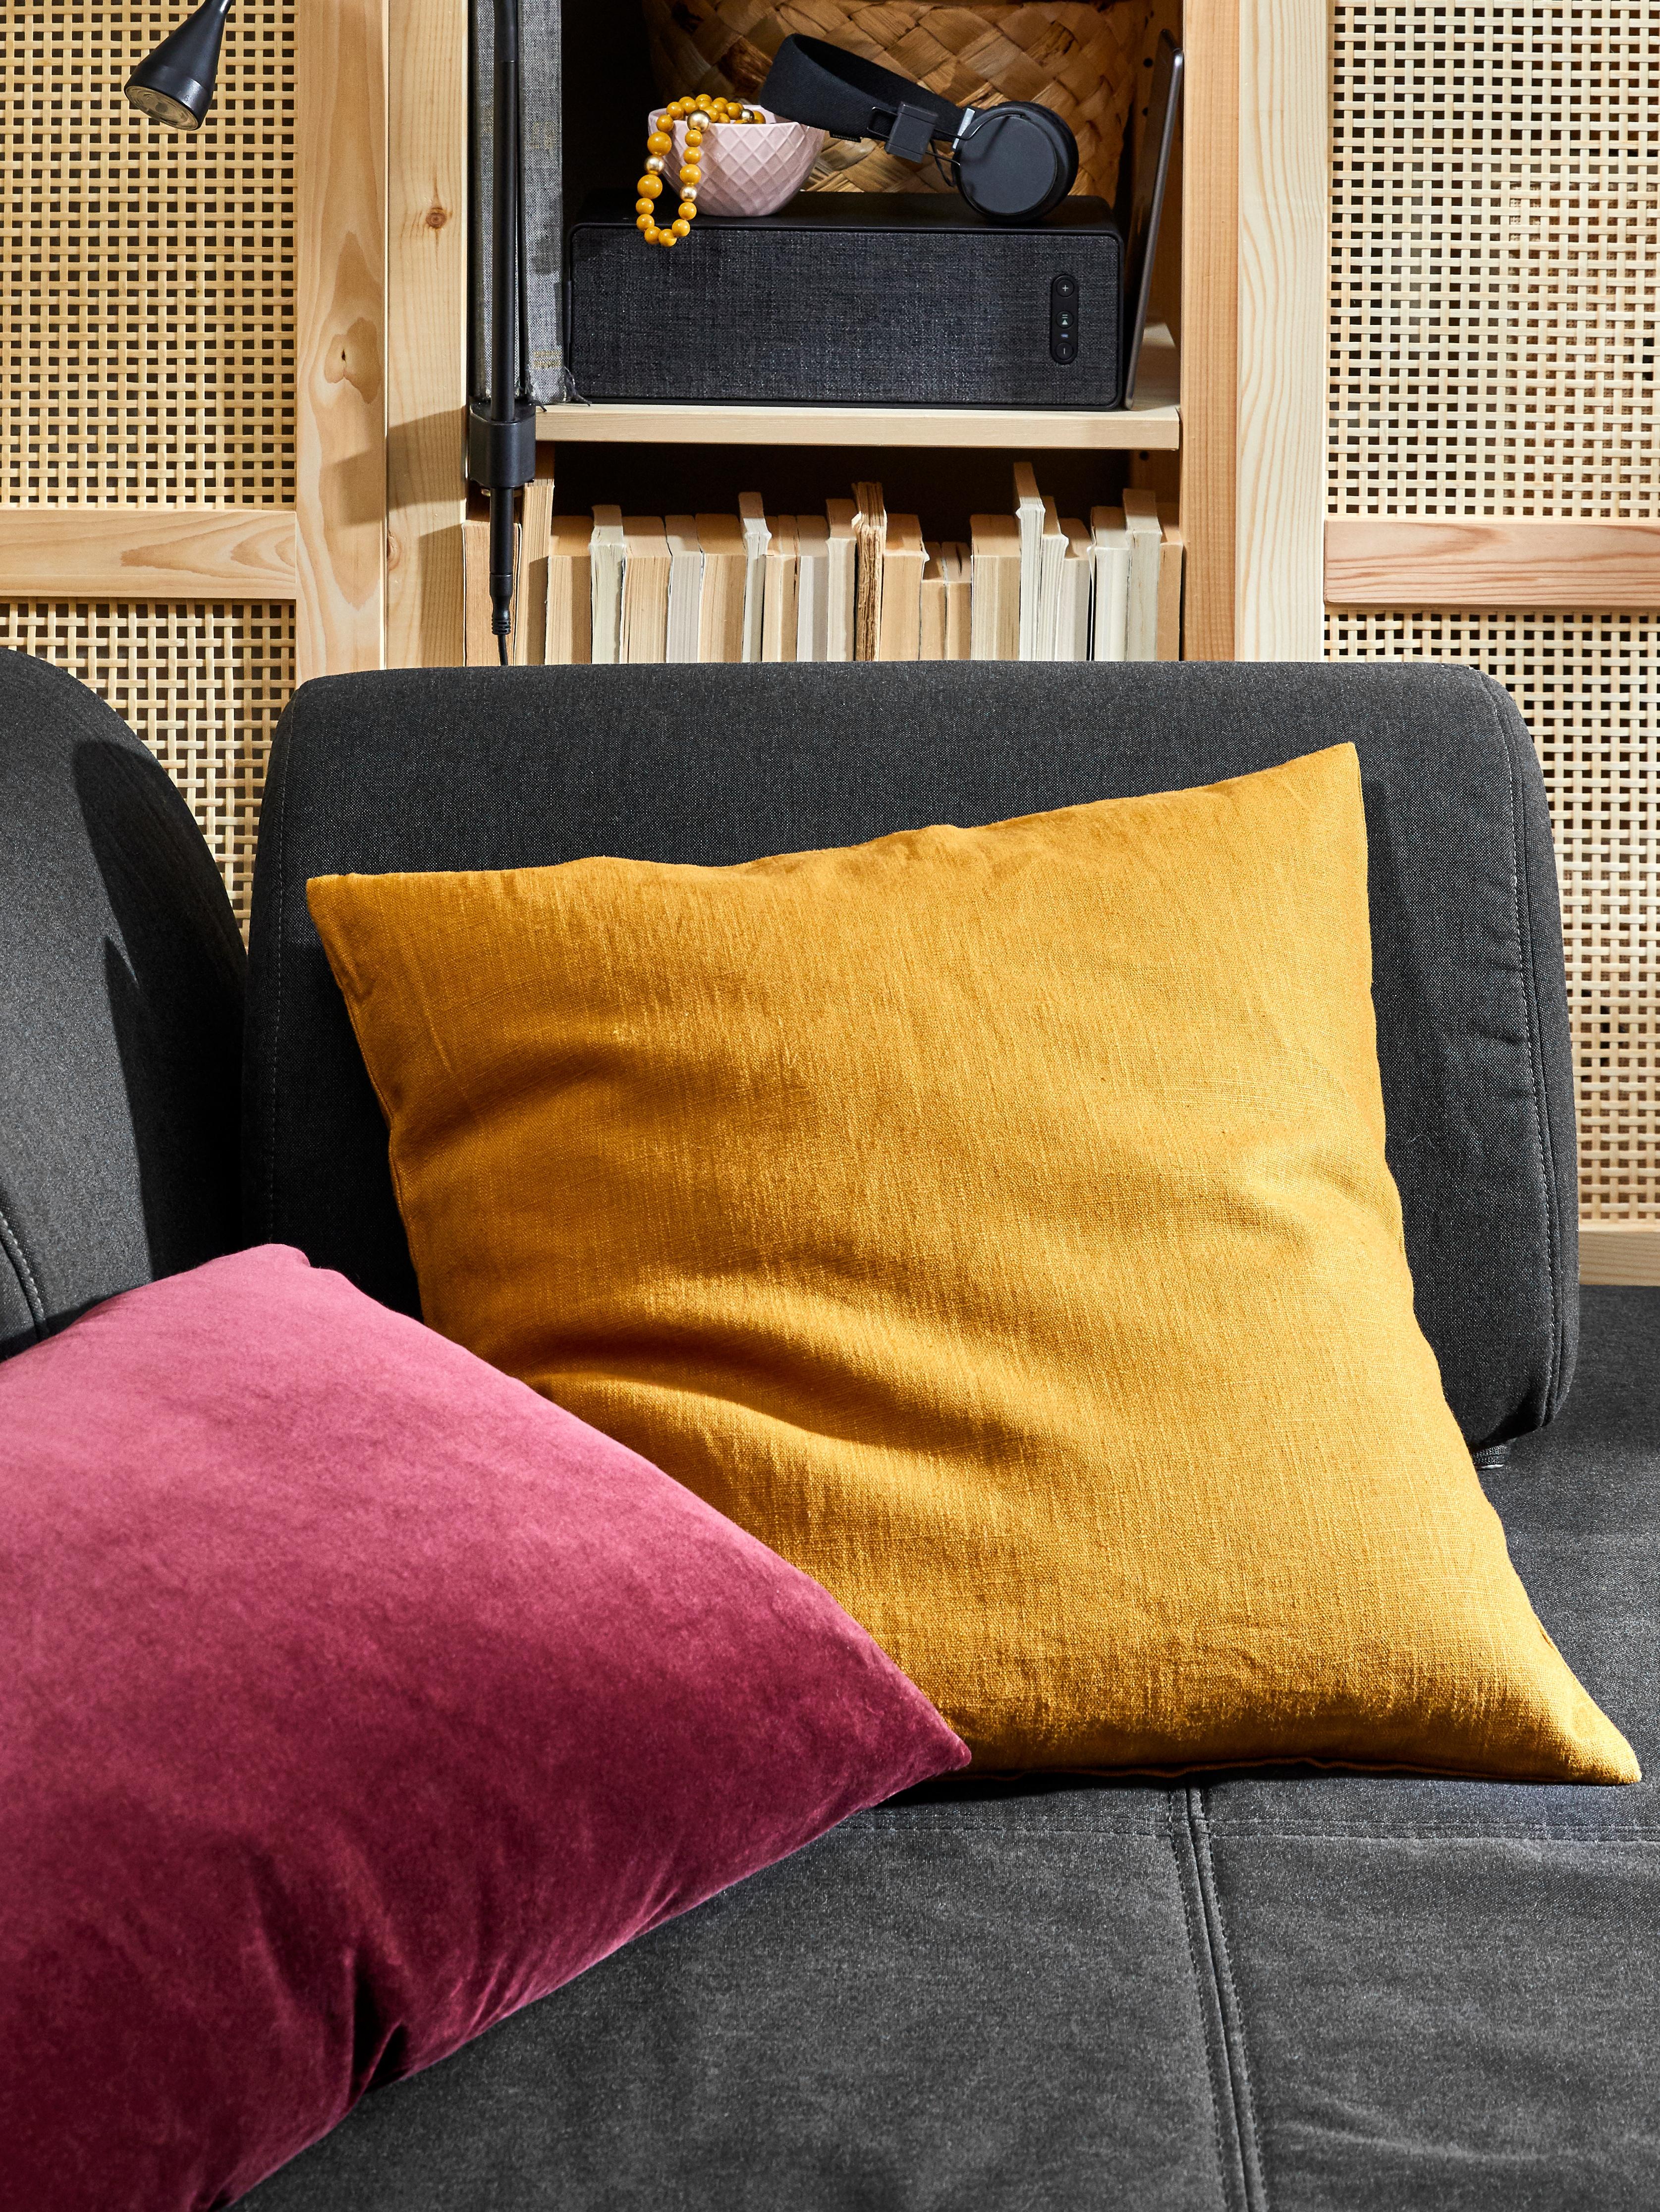 FLOTTEBO sofa oheko izkinan kuxinak ditu VIDGIS estalkiekin urre marroiarekin eta SANELA arrosa ilunarekin.